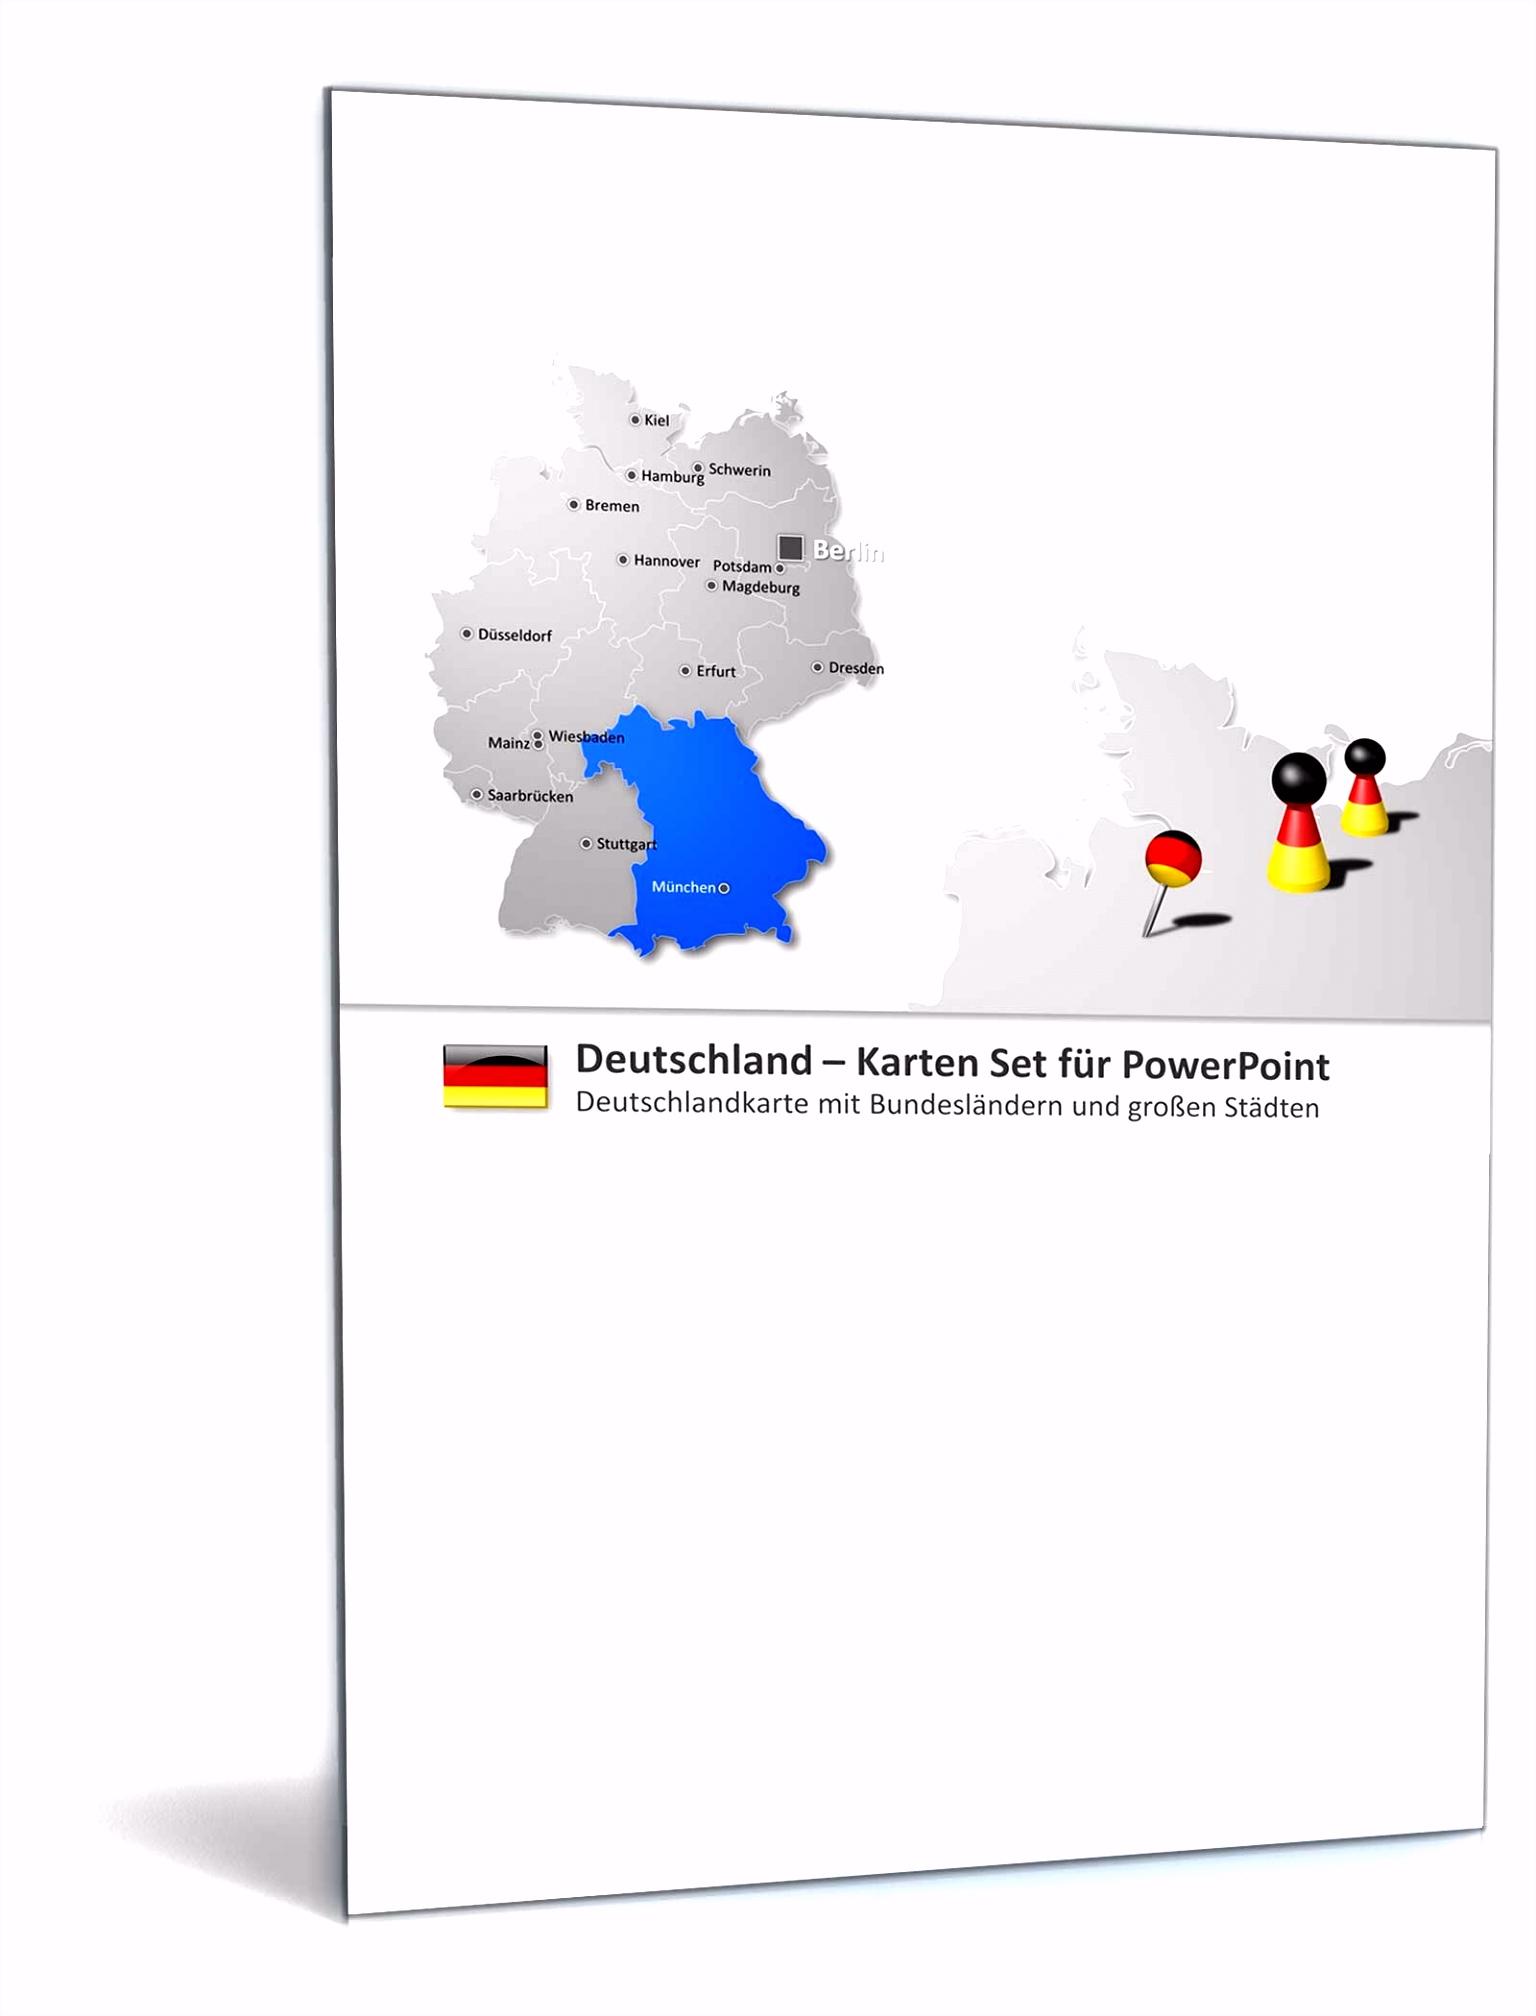 Deutschlandkarte Powerpoint Vorlage 13 Powerpoint Vorlagen Professionell X4jv53glt1 O6qis4uth2